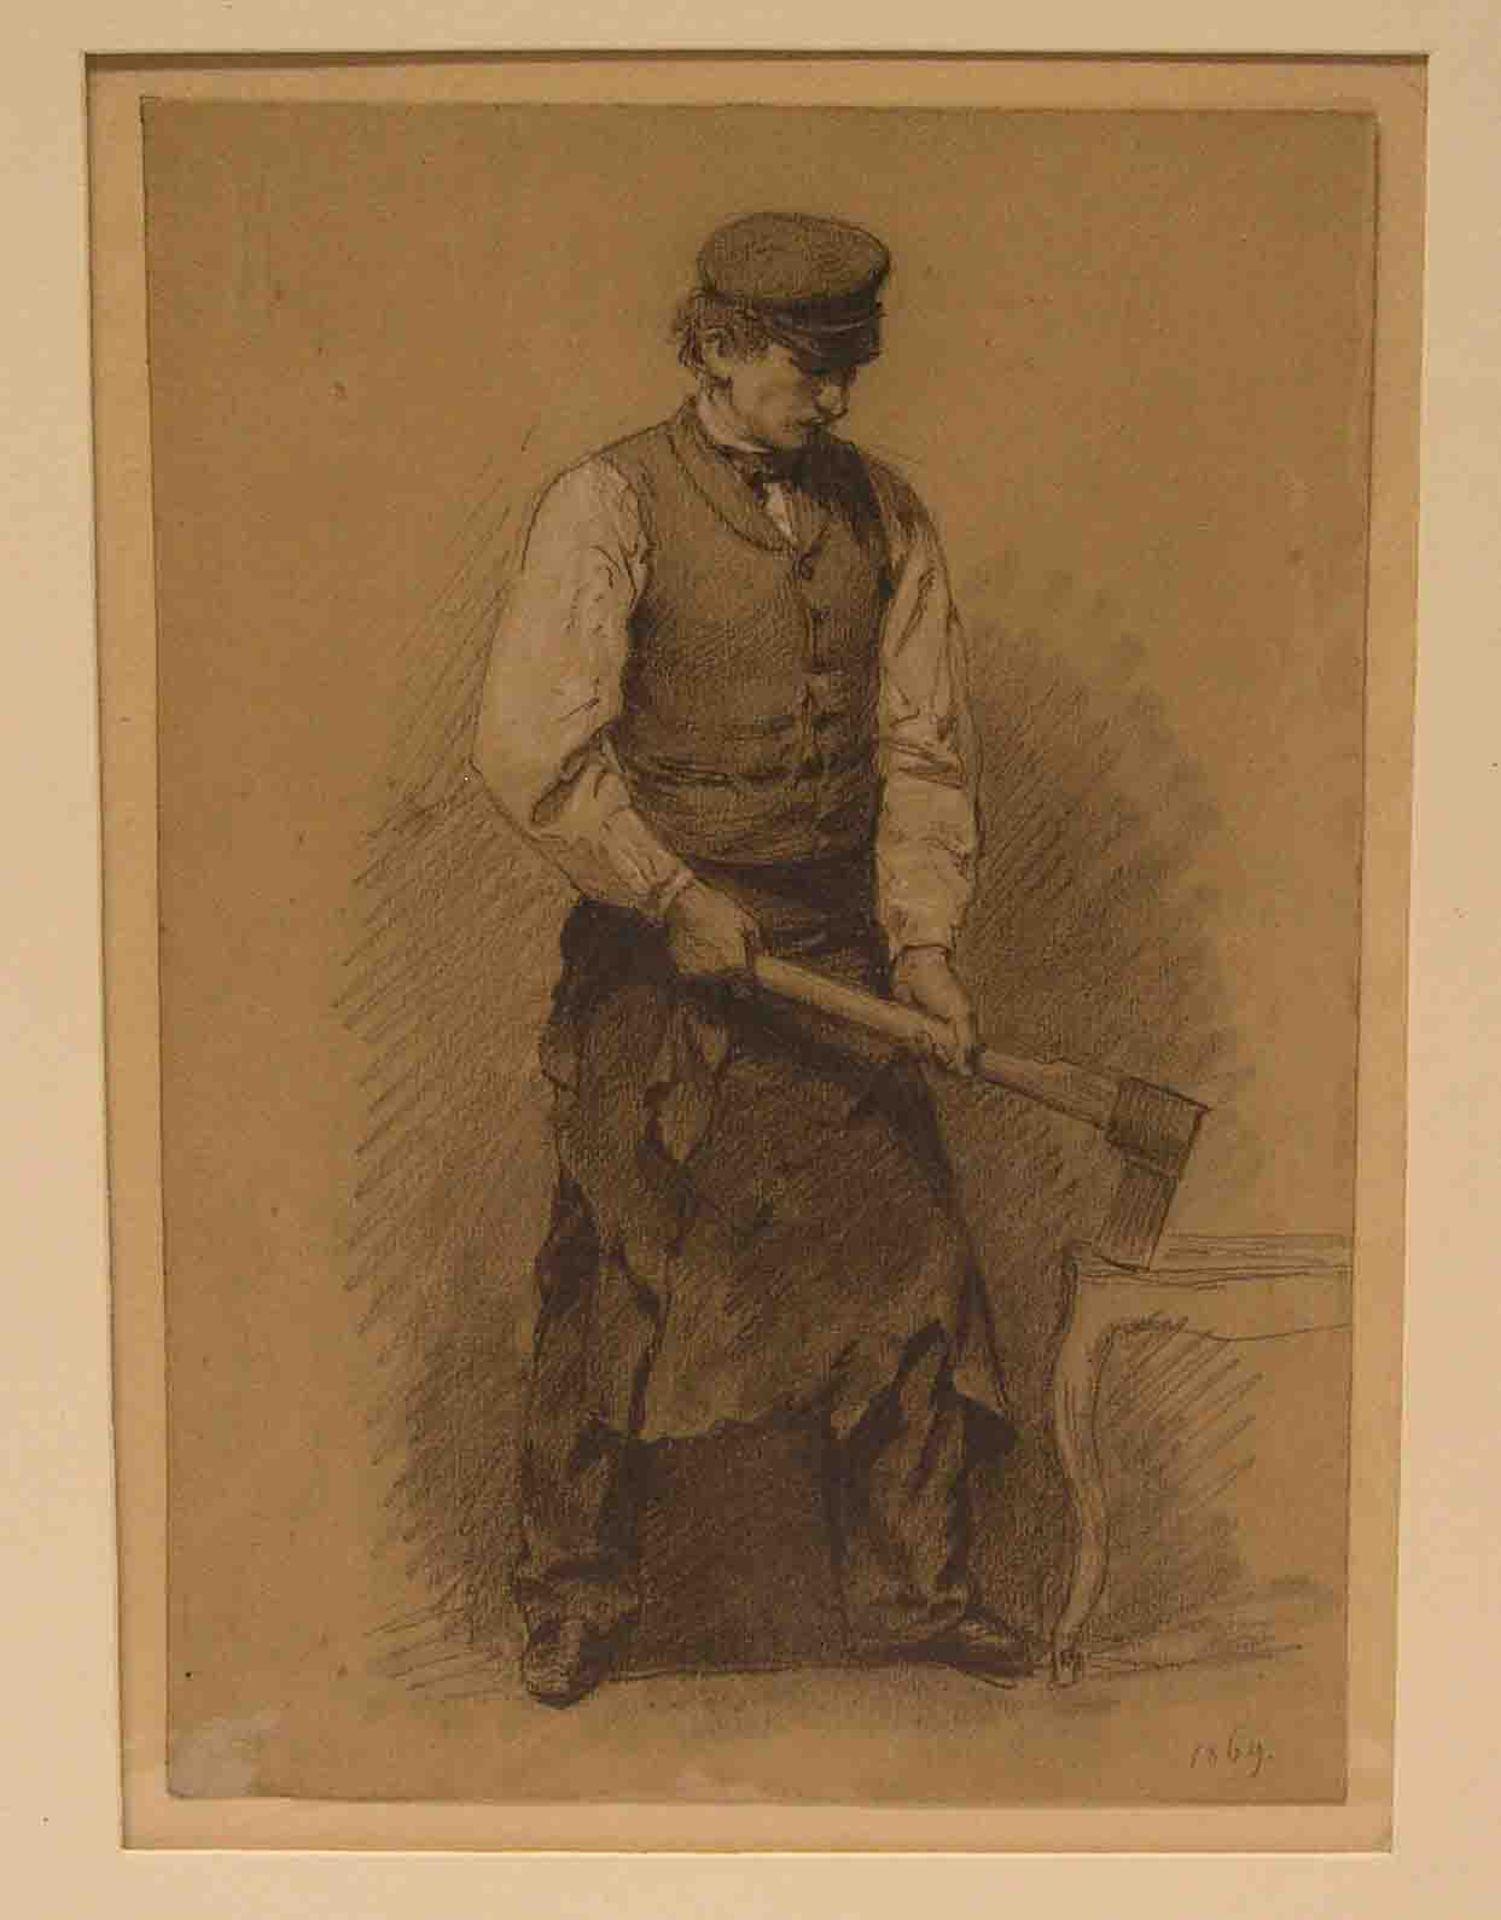 """Unbekannter Künstler, 1869: """"Arbeiter"""